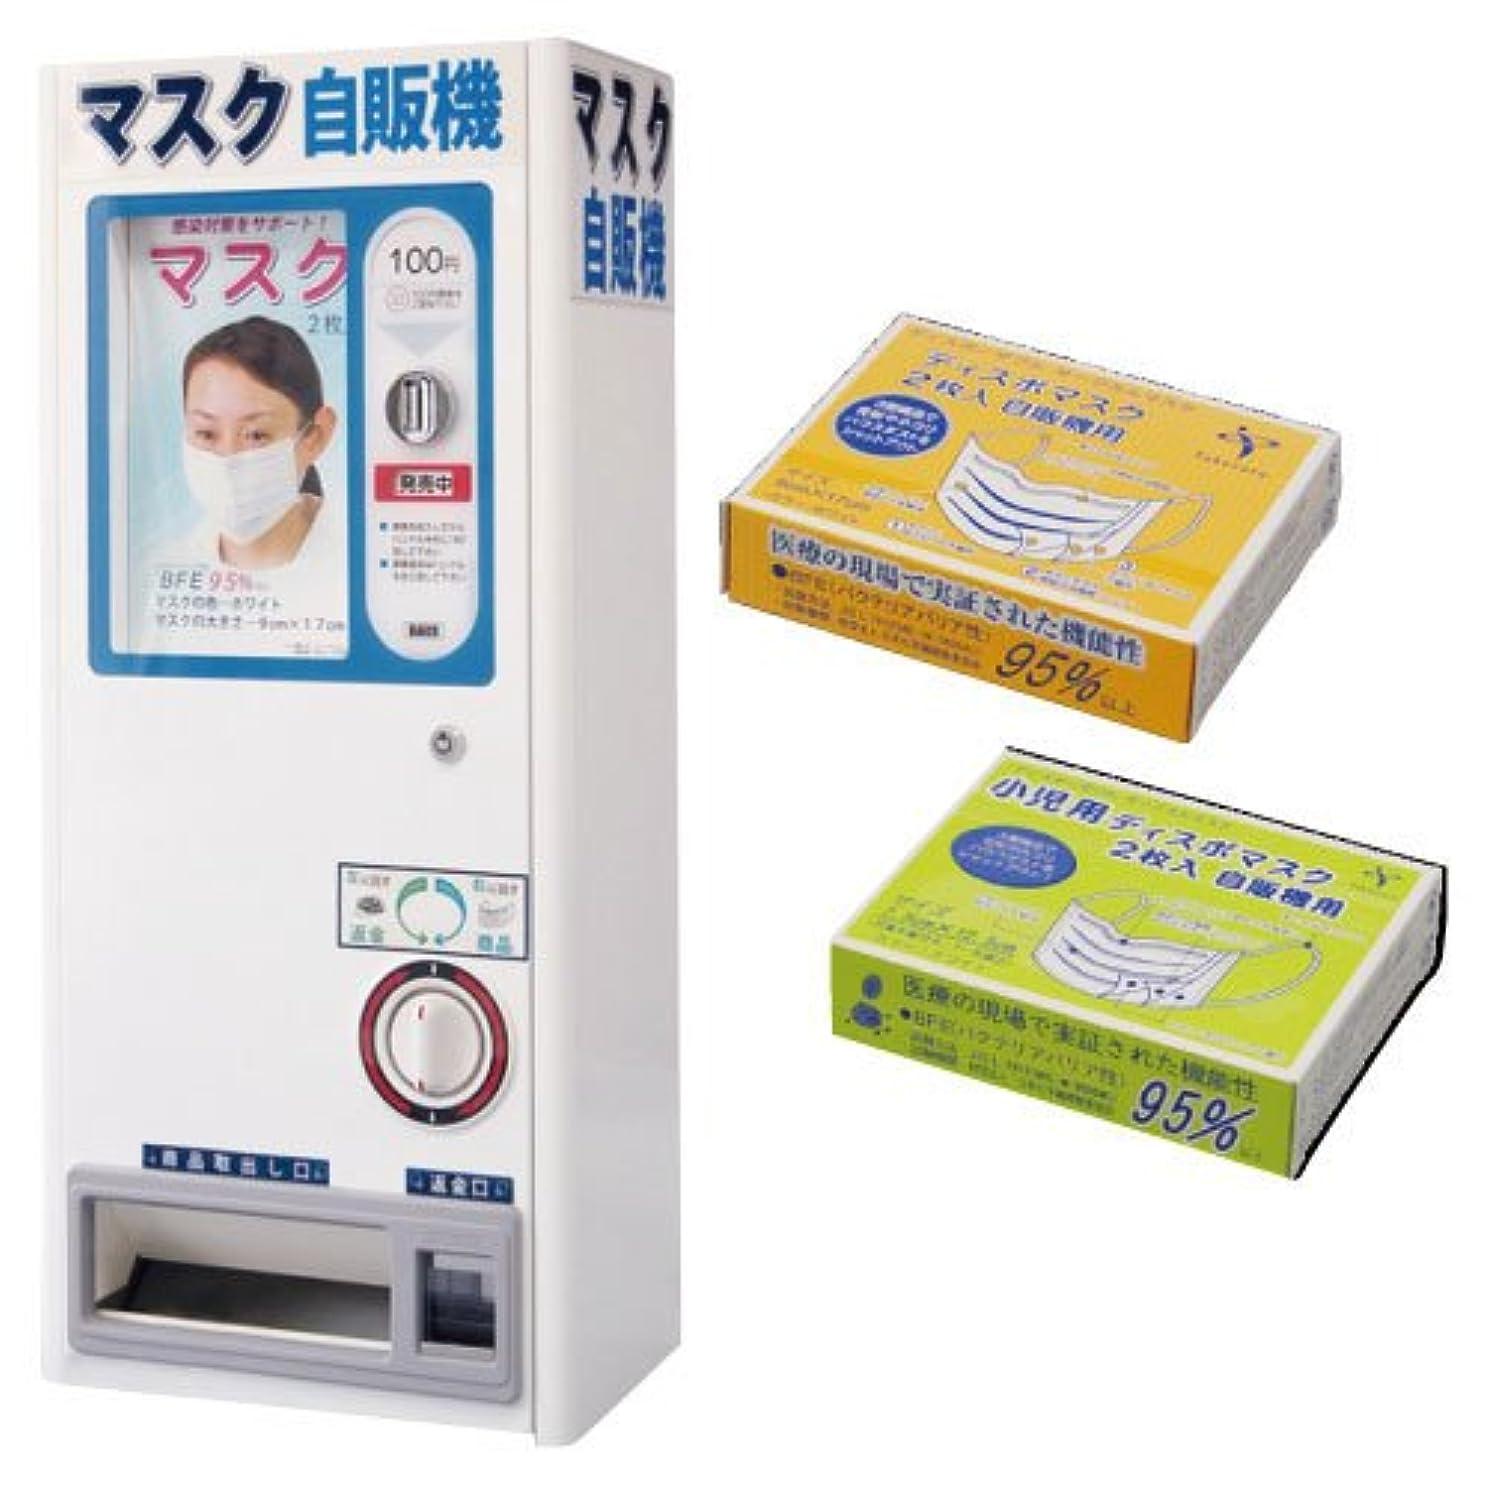 糸大理石ラフレシアアルノルディマスク自販機用 ディスポマスク / 076042 ホワイト 1箱2枚入